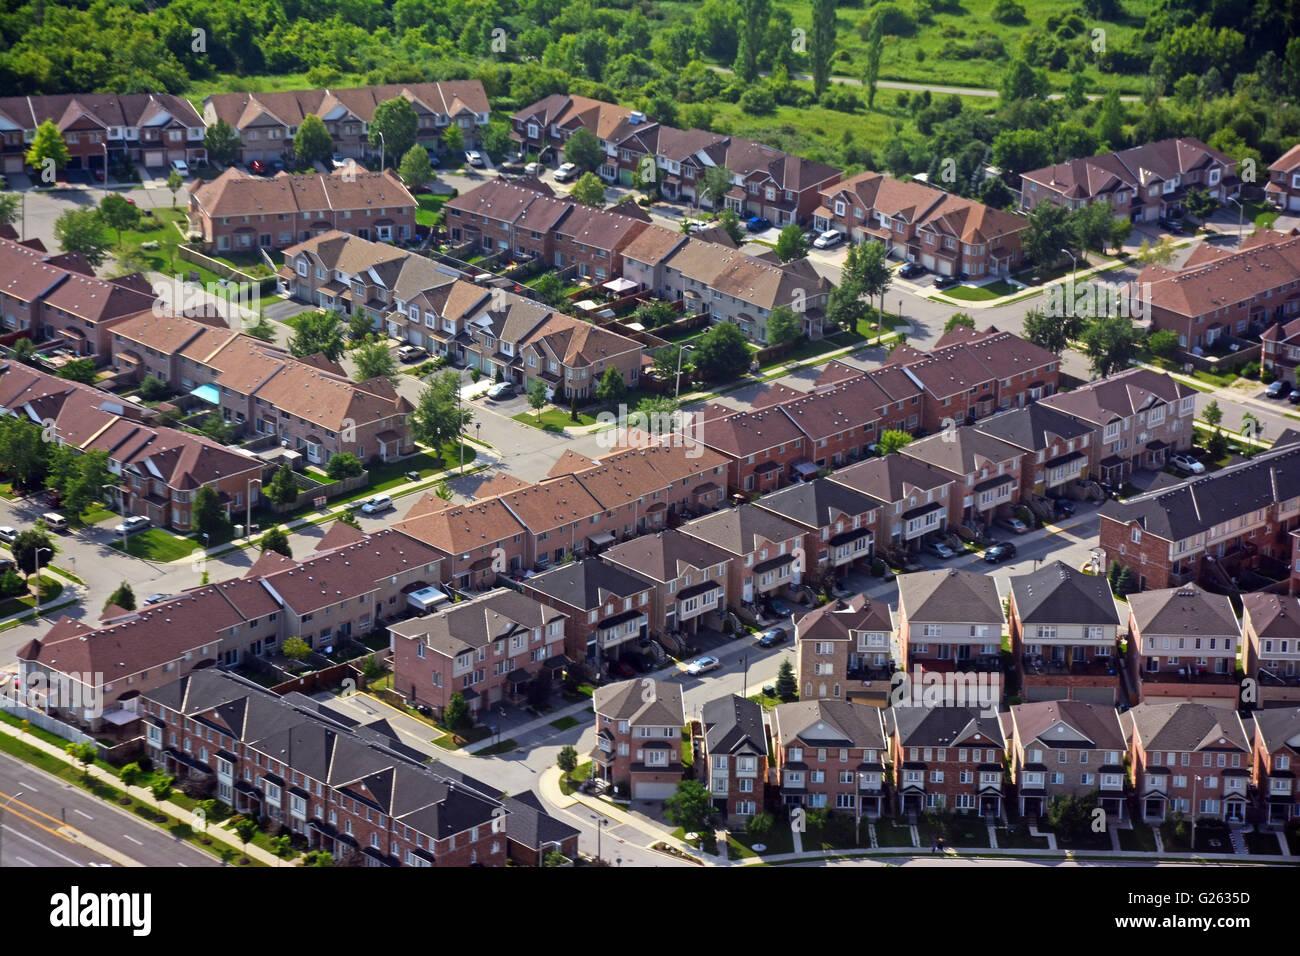 Wohngebiet Vorstadt, Luftaufnahme, Kanada Stockbild